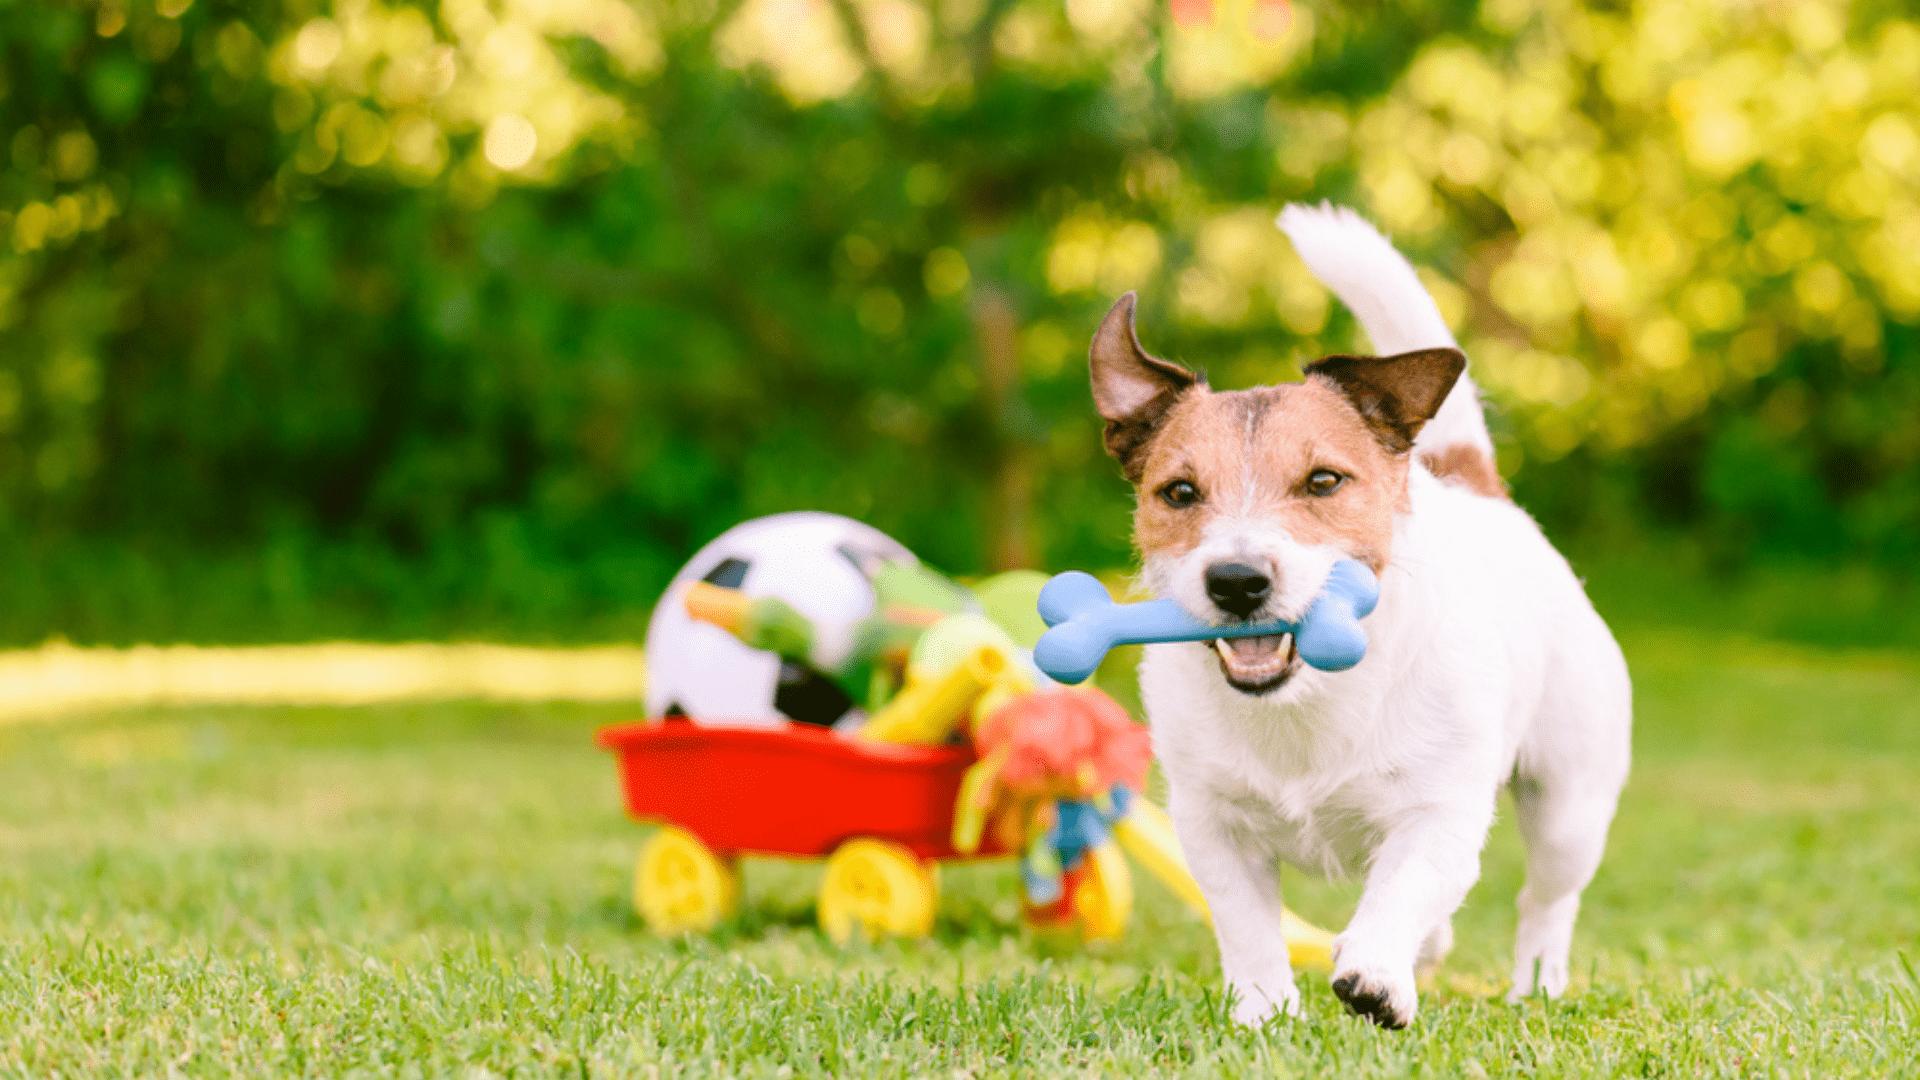 Os brinquedos para cachorro podem ajudar na ansiedade do pet (Reprodução/Shutterstock)